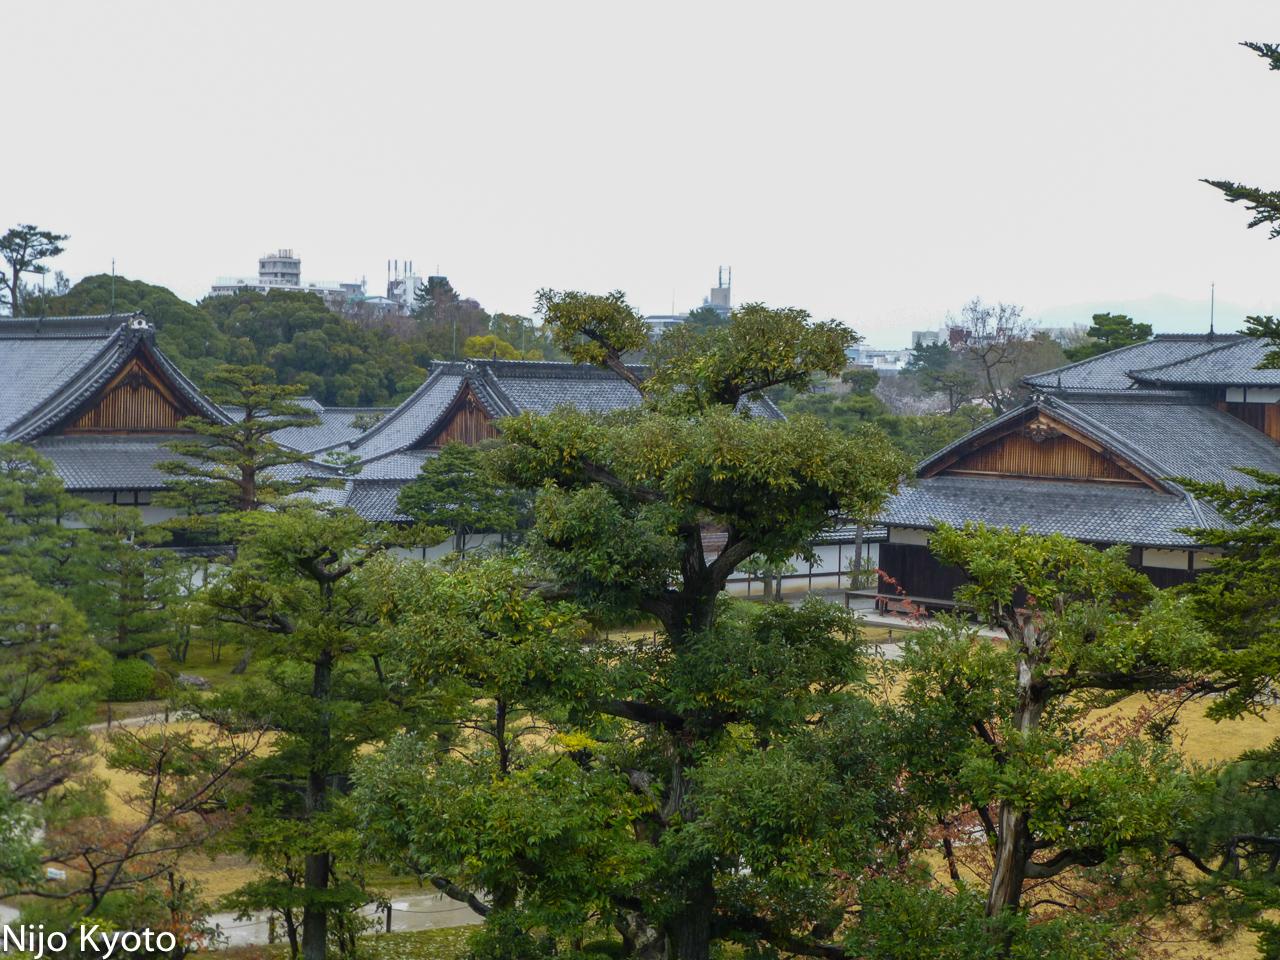 nijo_kyoto-16